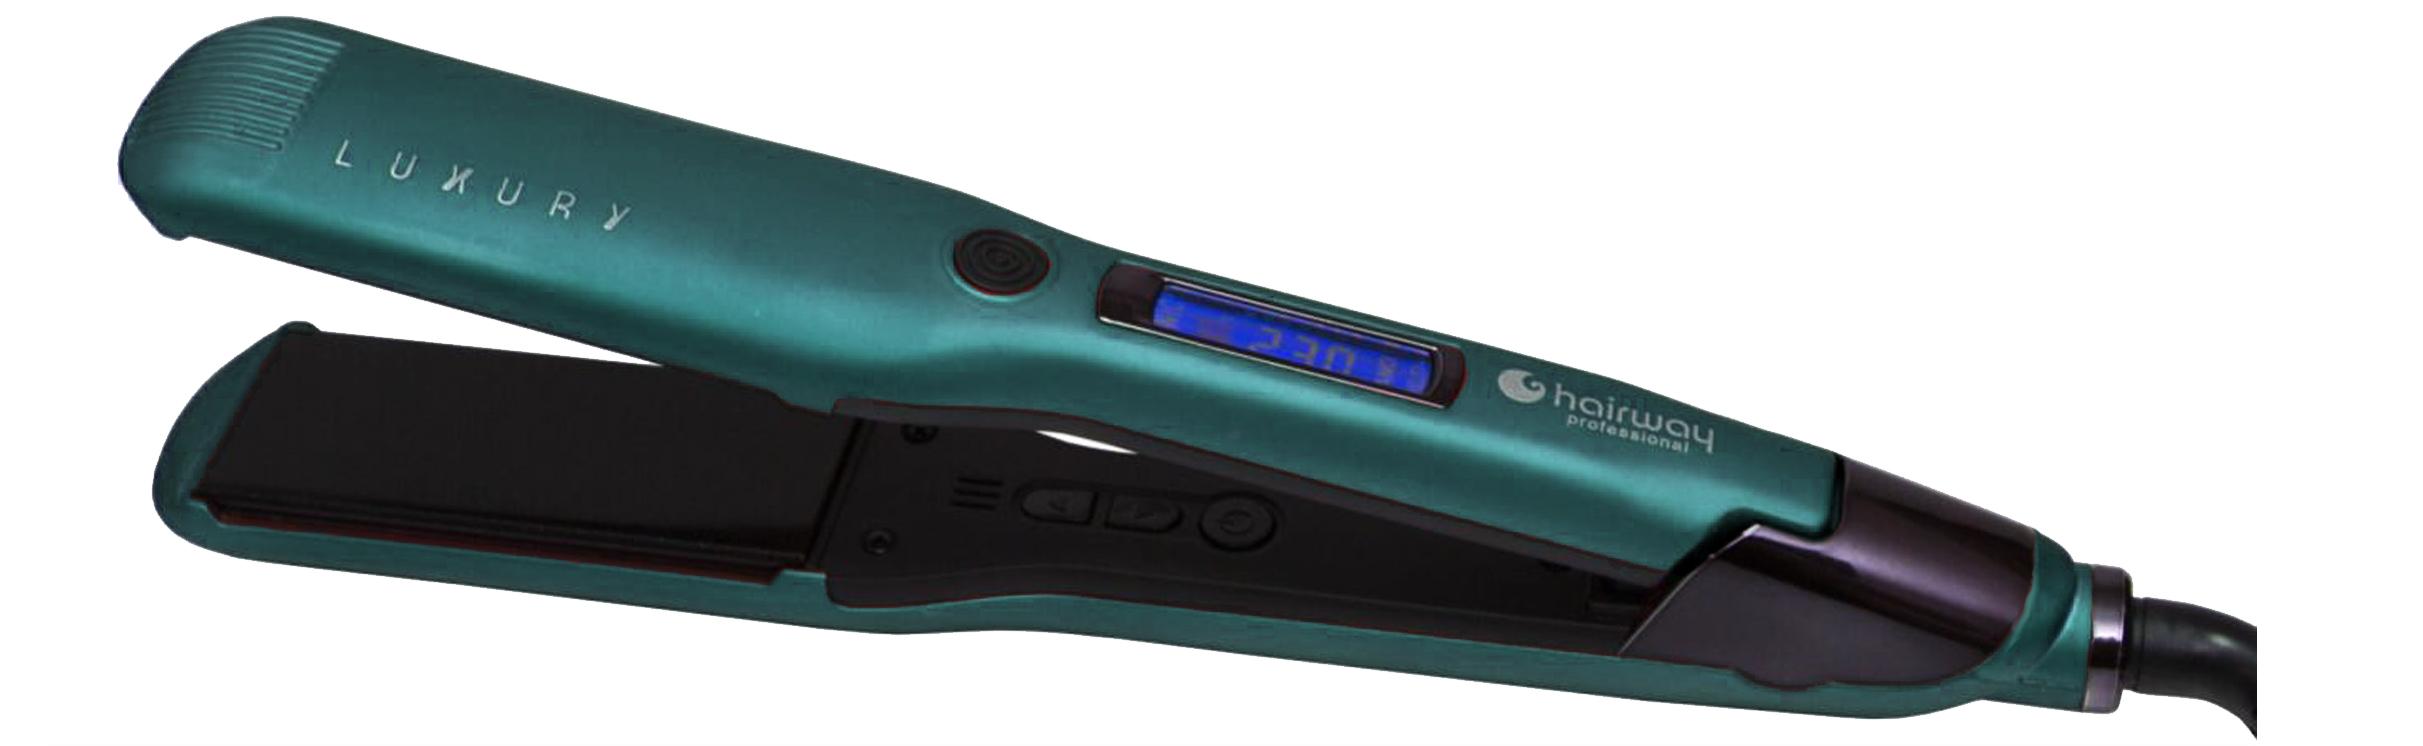 HAIRWAY Щипцы-выпрямители Hairway Luxury Plus 38мм зеленые 38Вт